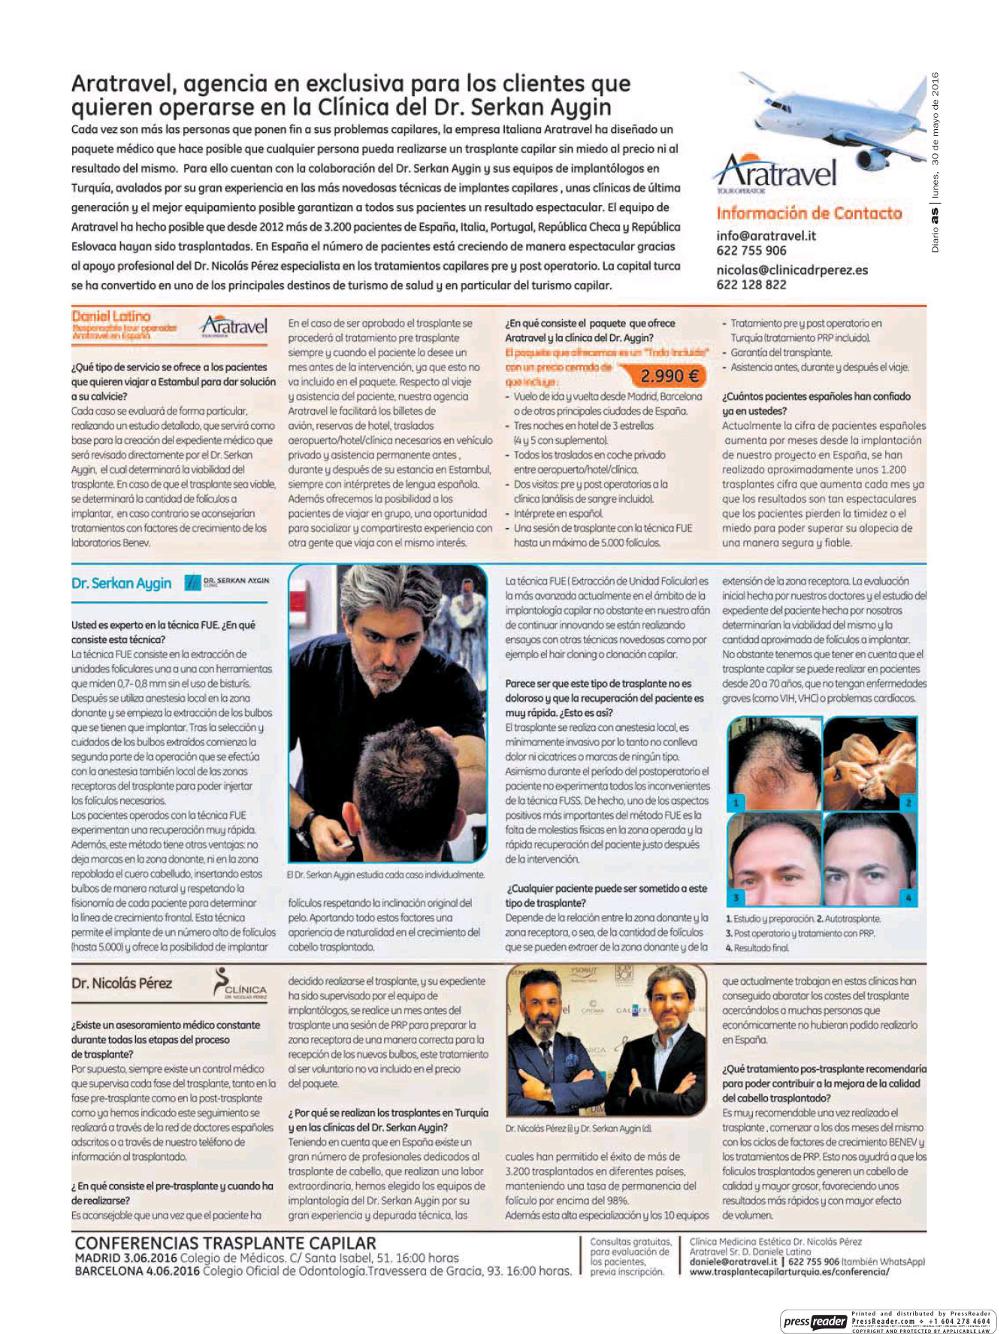 Entrevista Antes y Despues del trasplante - 4